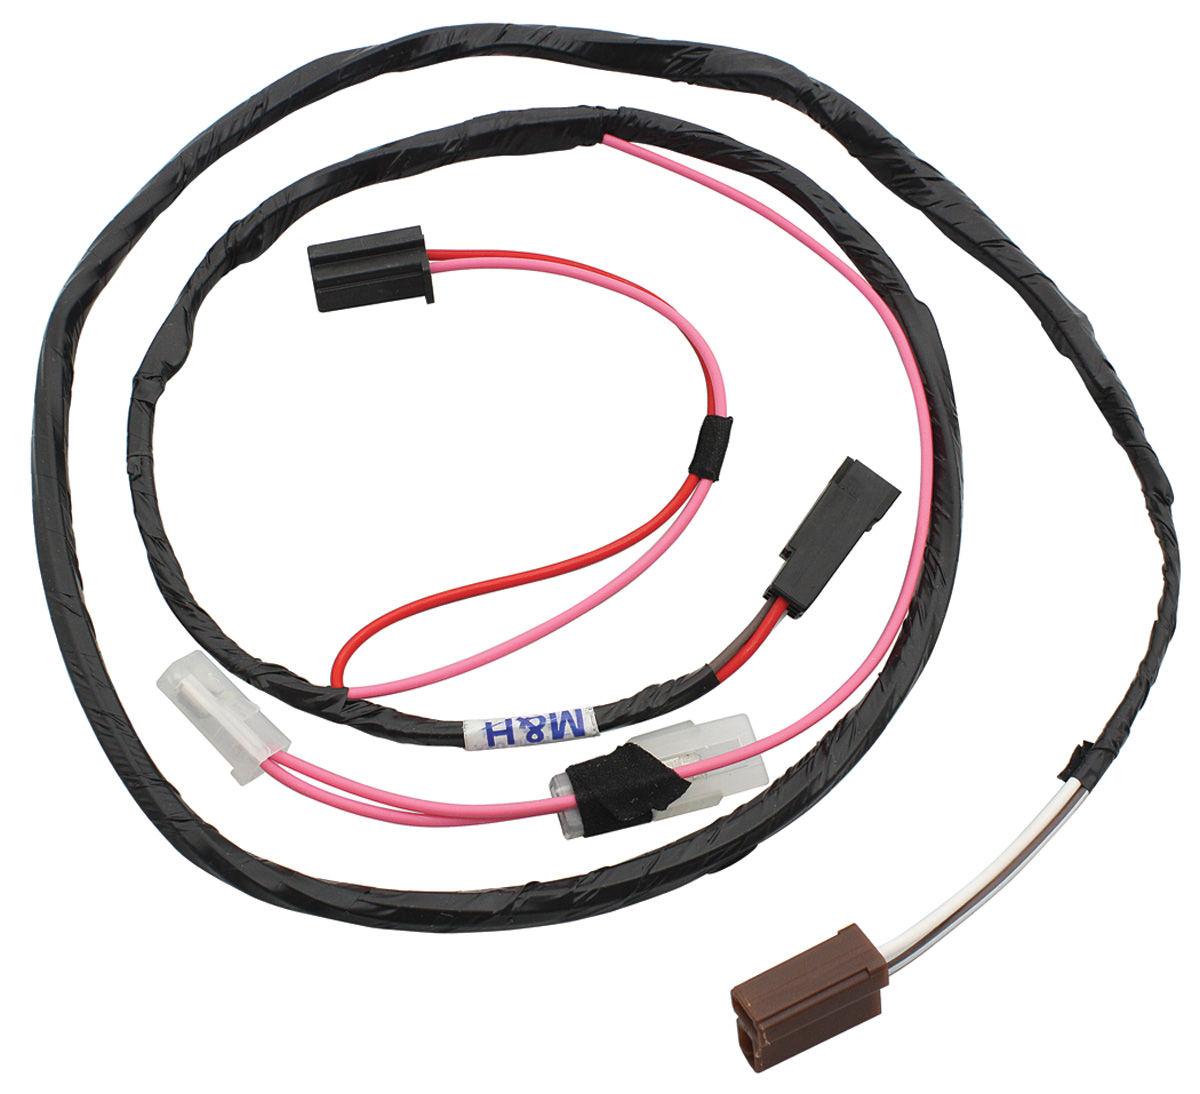 Wiring Harness 1970 El Camino : M h chevelle cruise control harness opgi